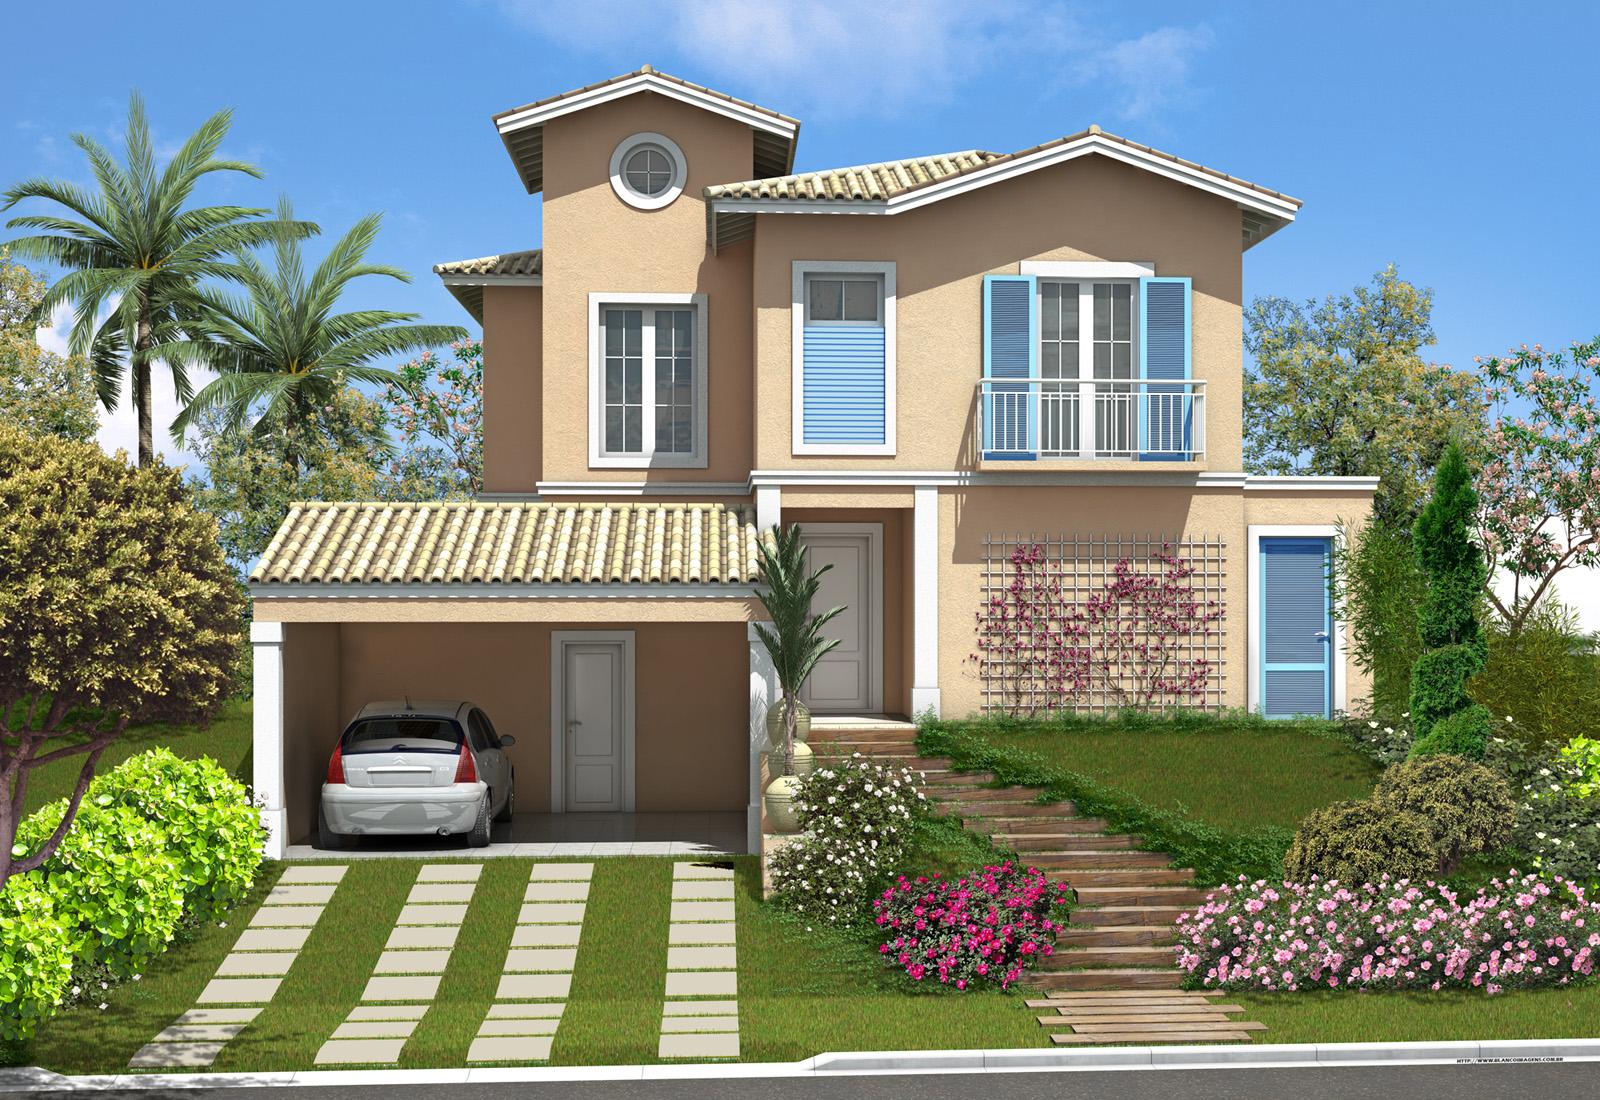 Violeta purpurina - Fotos de casas grandes y bonitas ...